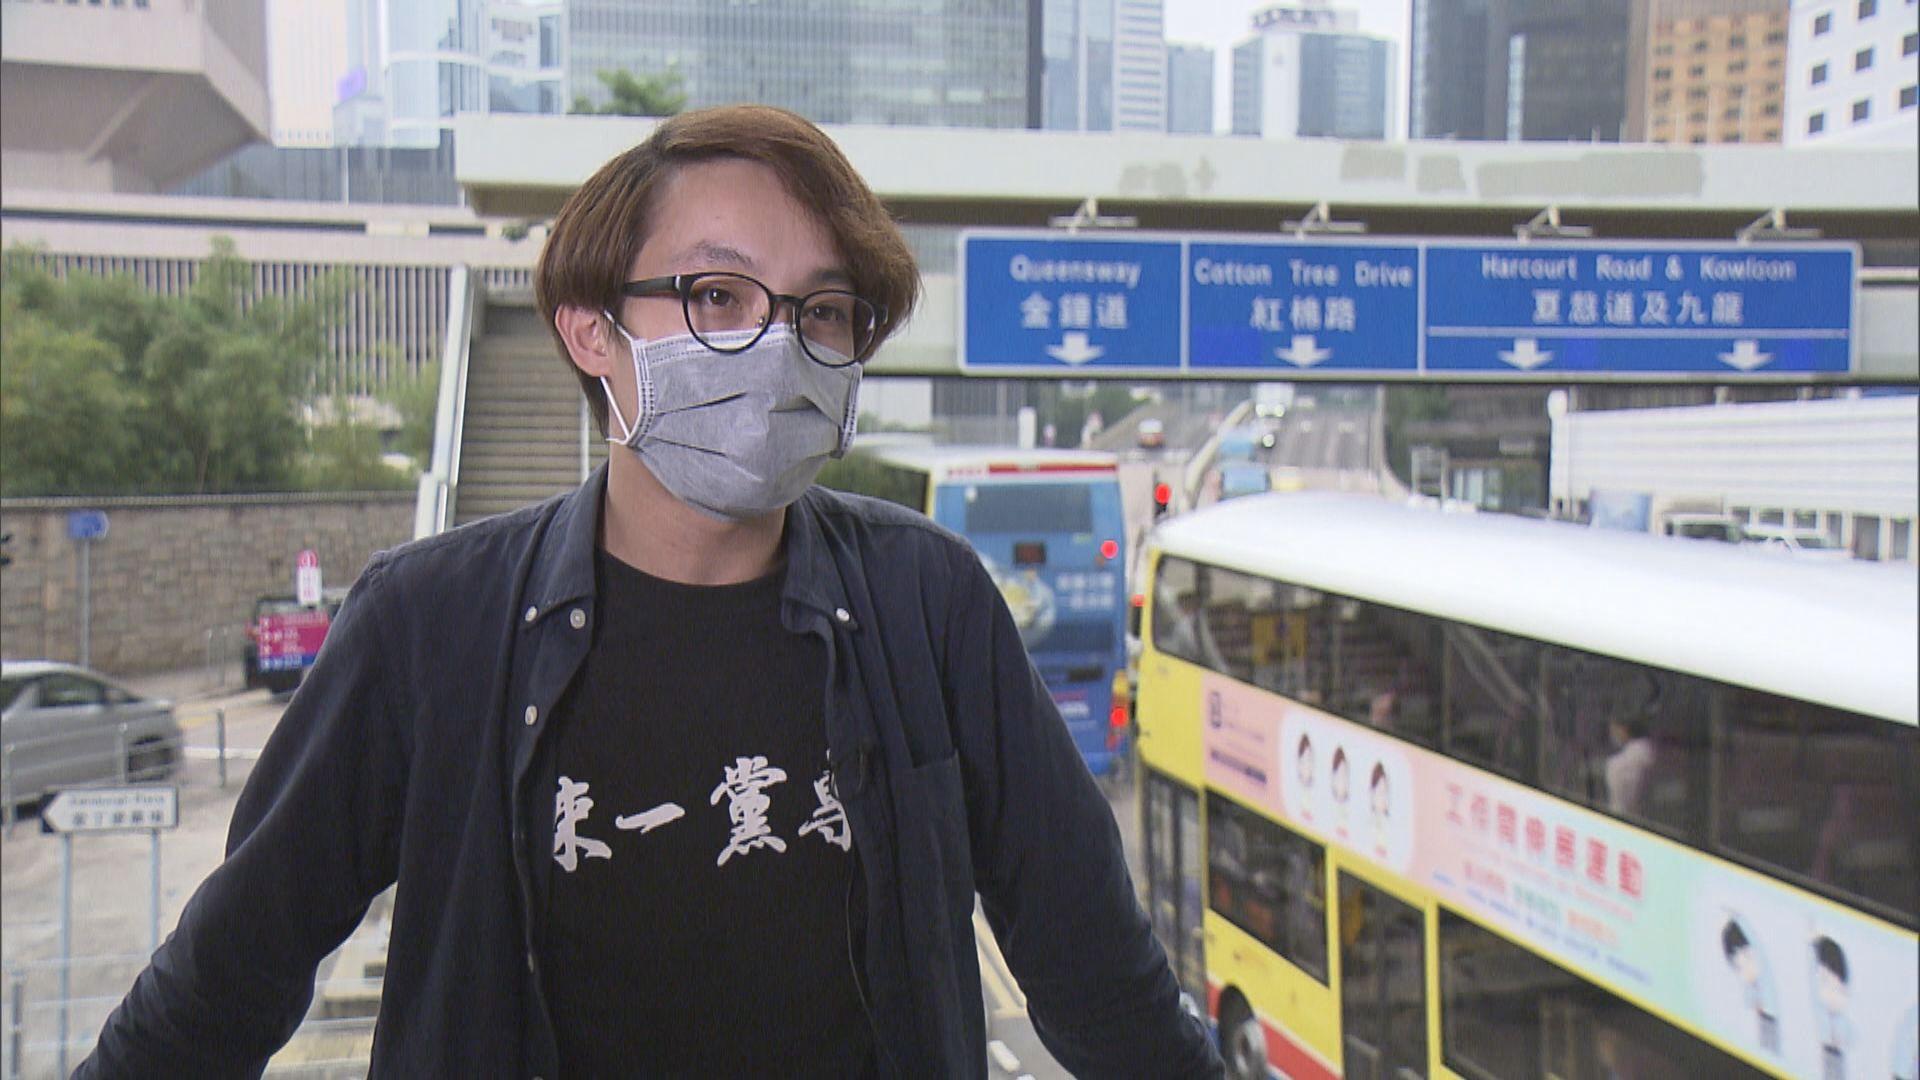 陳皓桓接任民陣召集人 憂任內不能復辦合法遊行